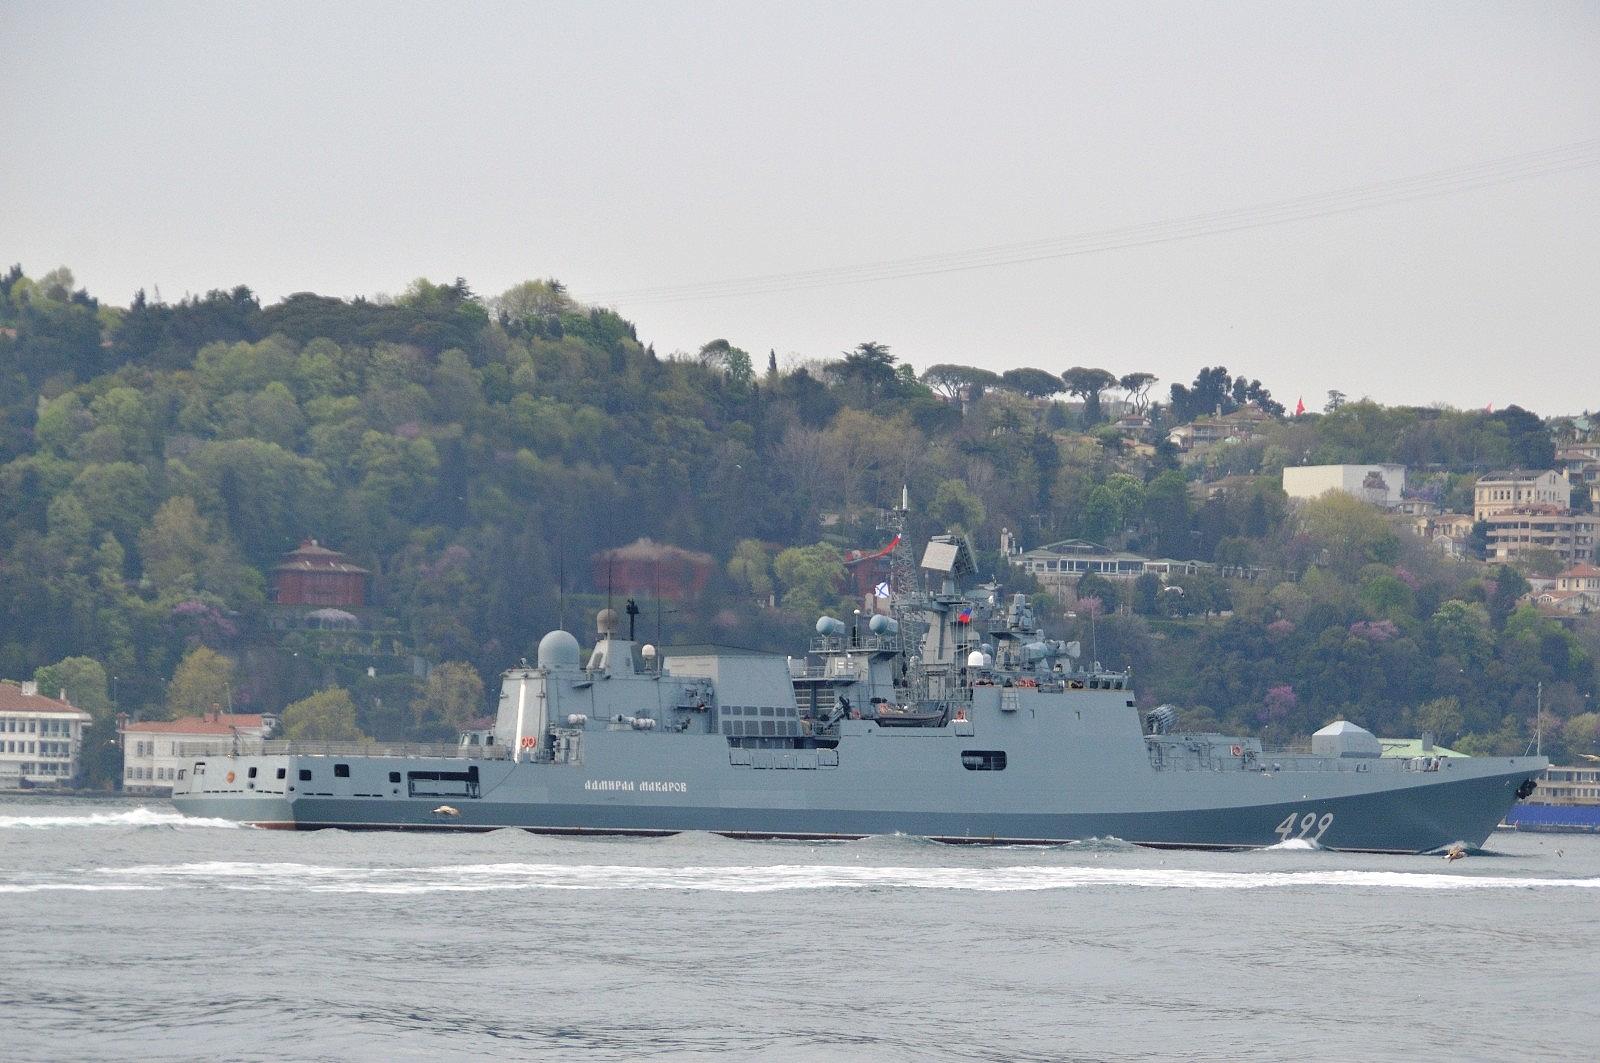 2021/05/rus-donanmasina-ait-rfs-499-borda-numarali-admiral-makarov-gemisi-bogazdan-gecti-20210502AW31-10.jpg